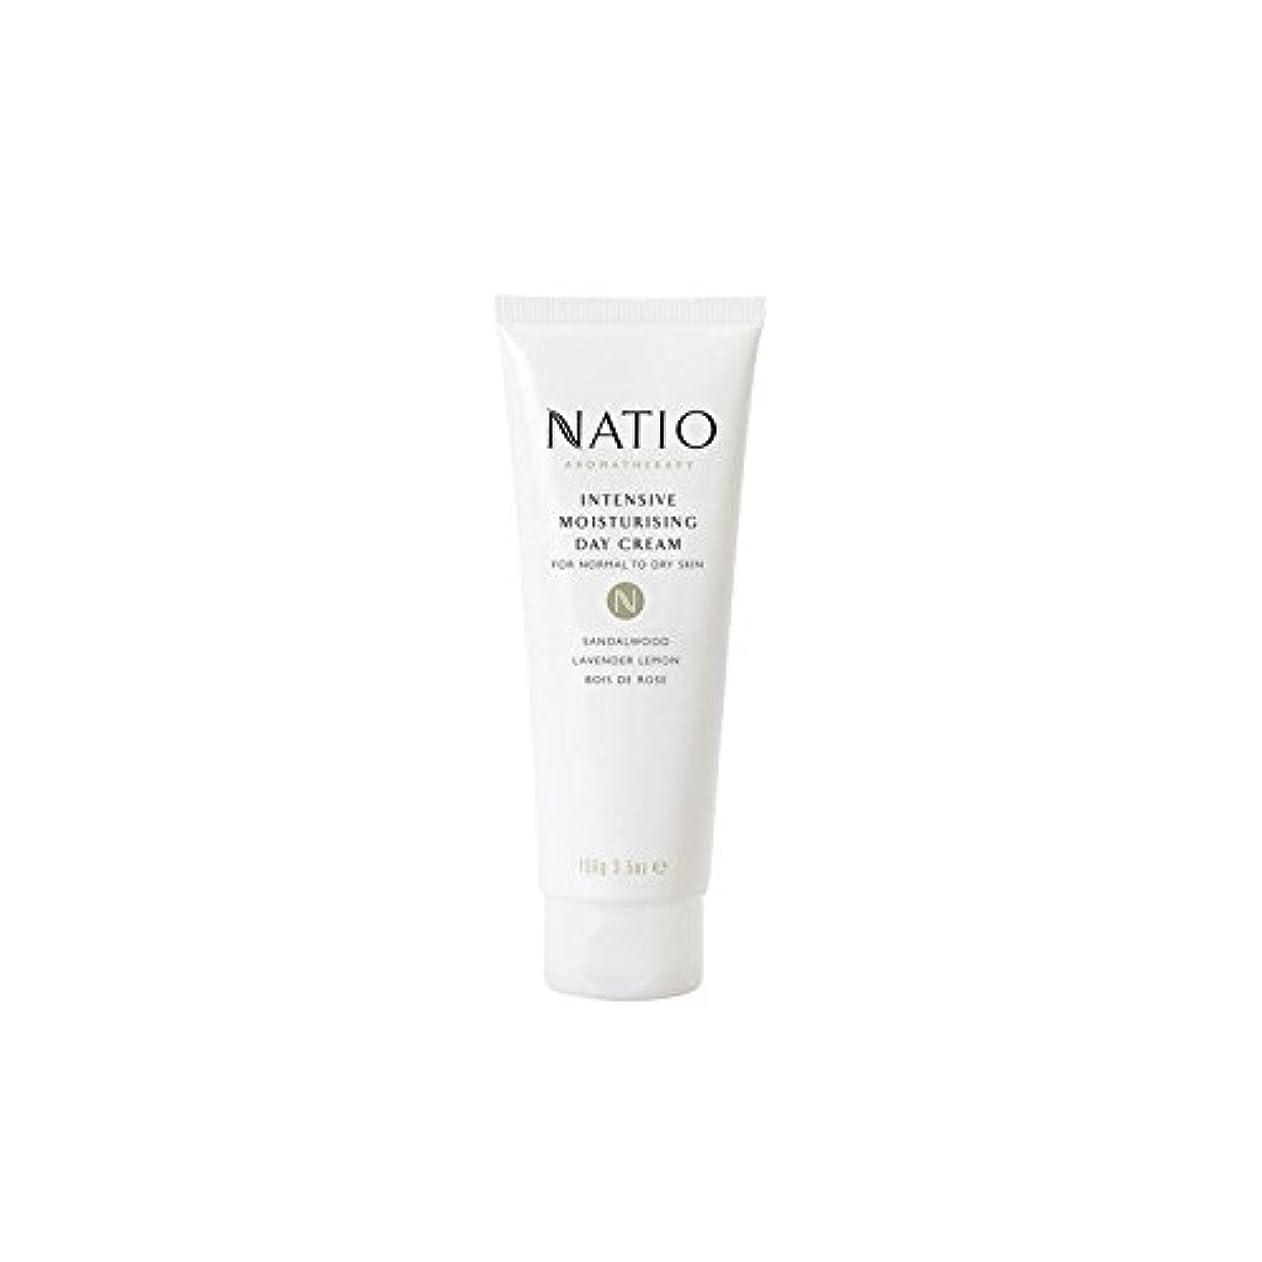 従順な記憶に残る援助Natio Intensive Moisturising Day Cream (100G) - 集中的な保湿デイクリーム(100グラム) [並行輸入品]